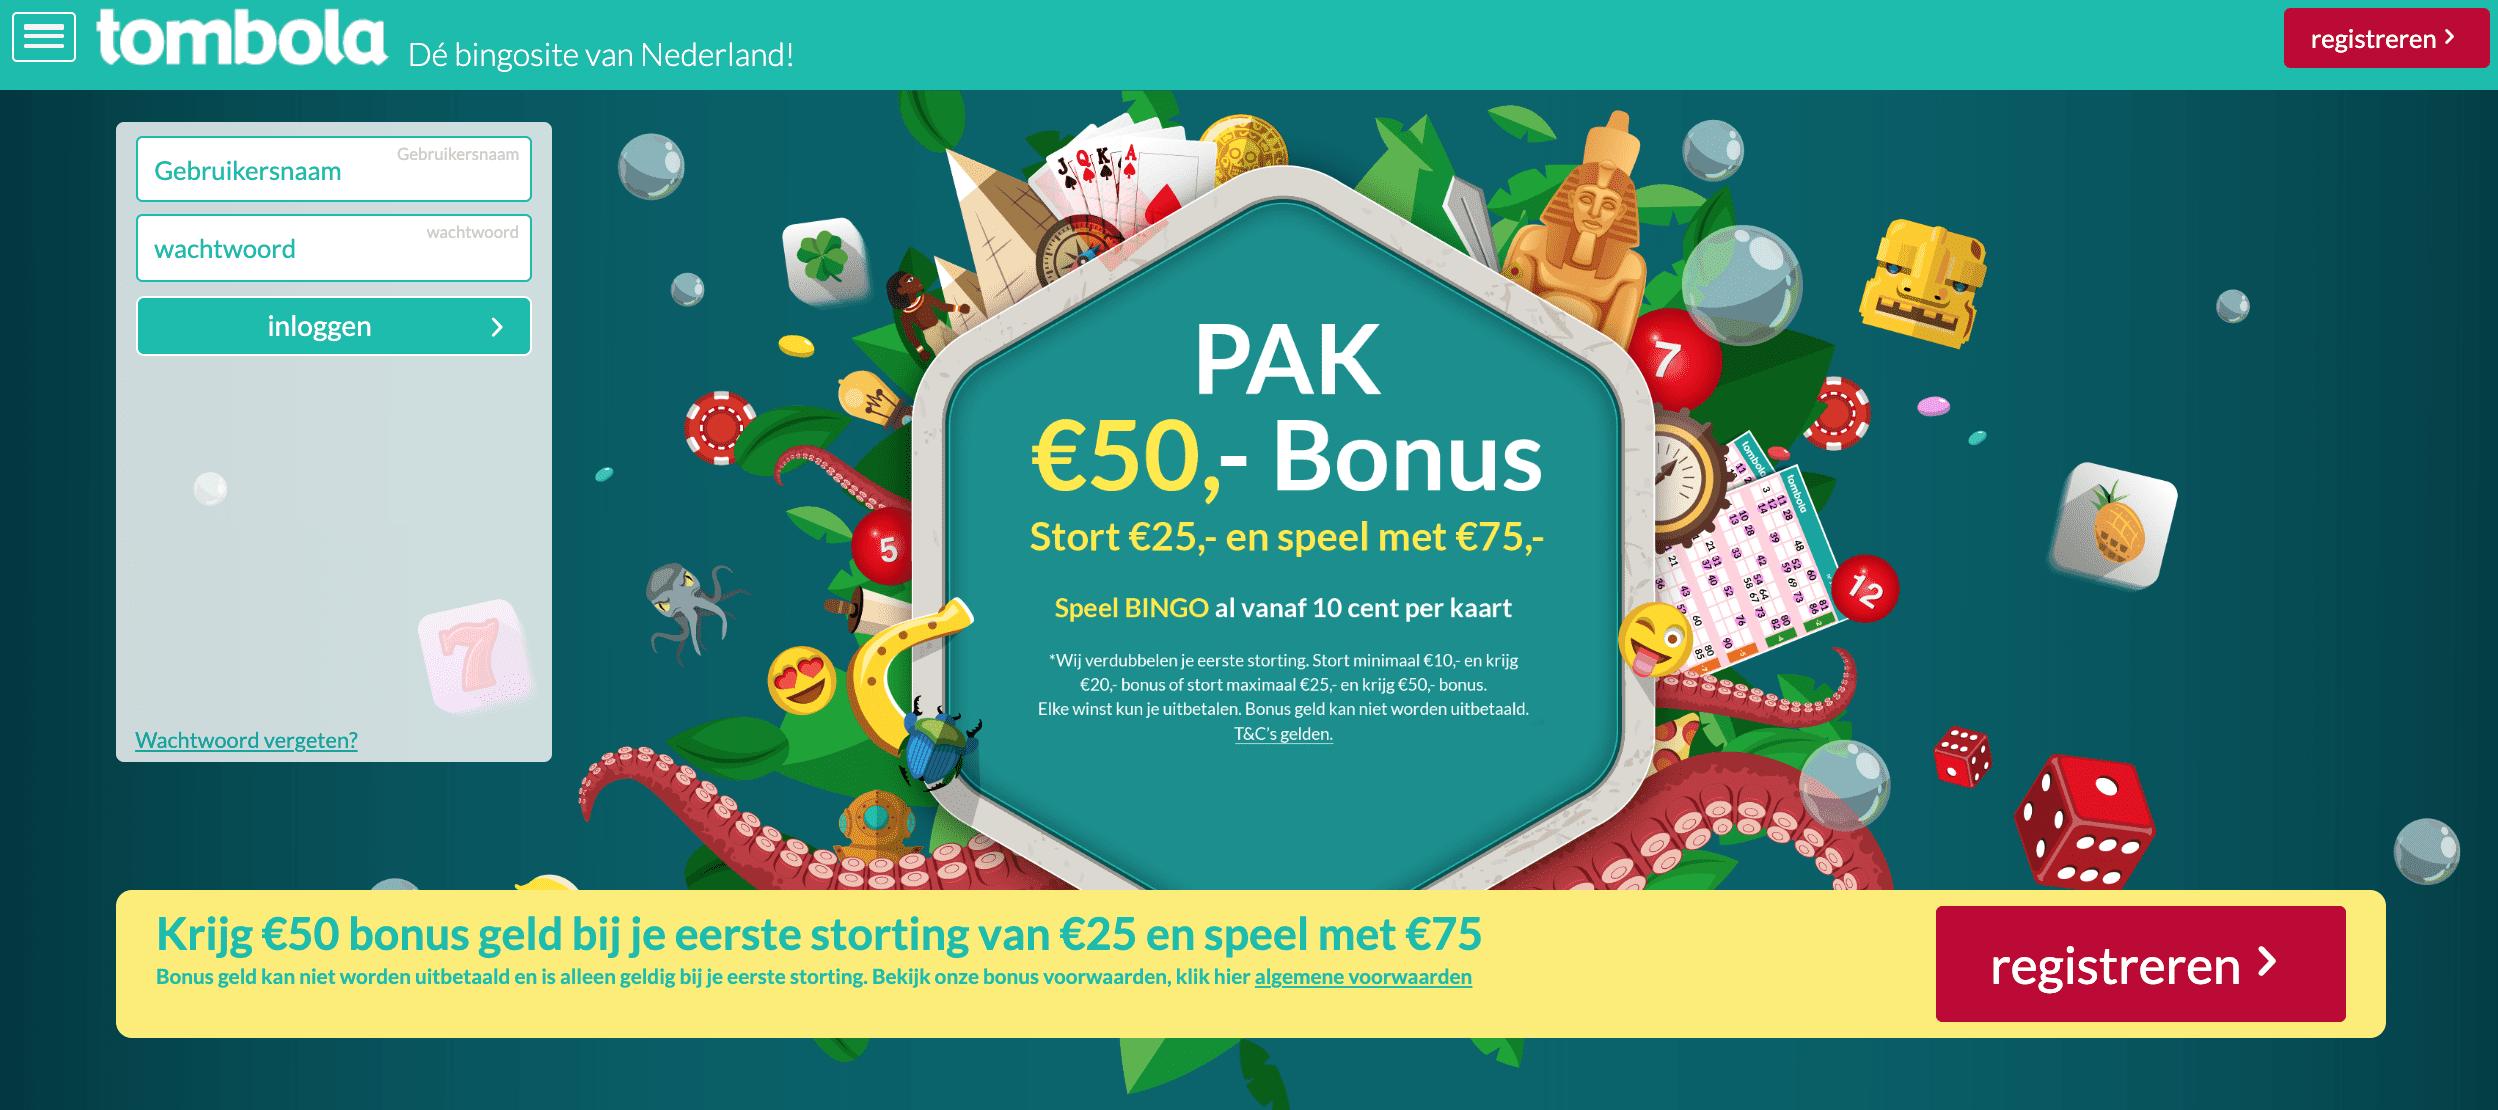 Tombola.nl lanceert zijn website op 21 oktober - homepage